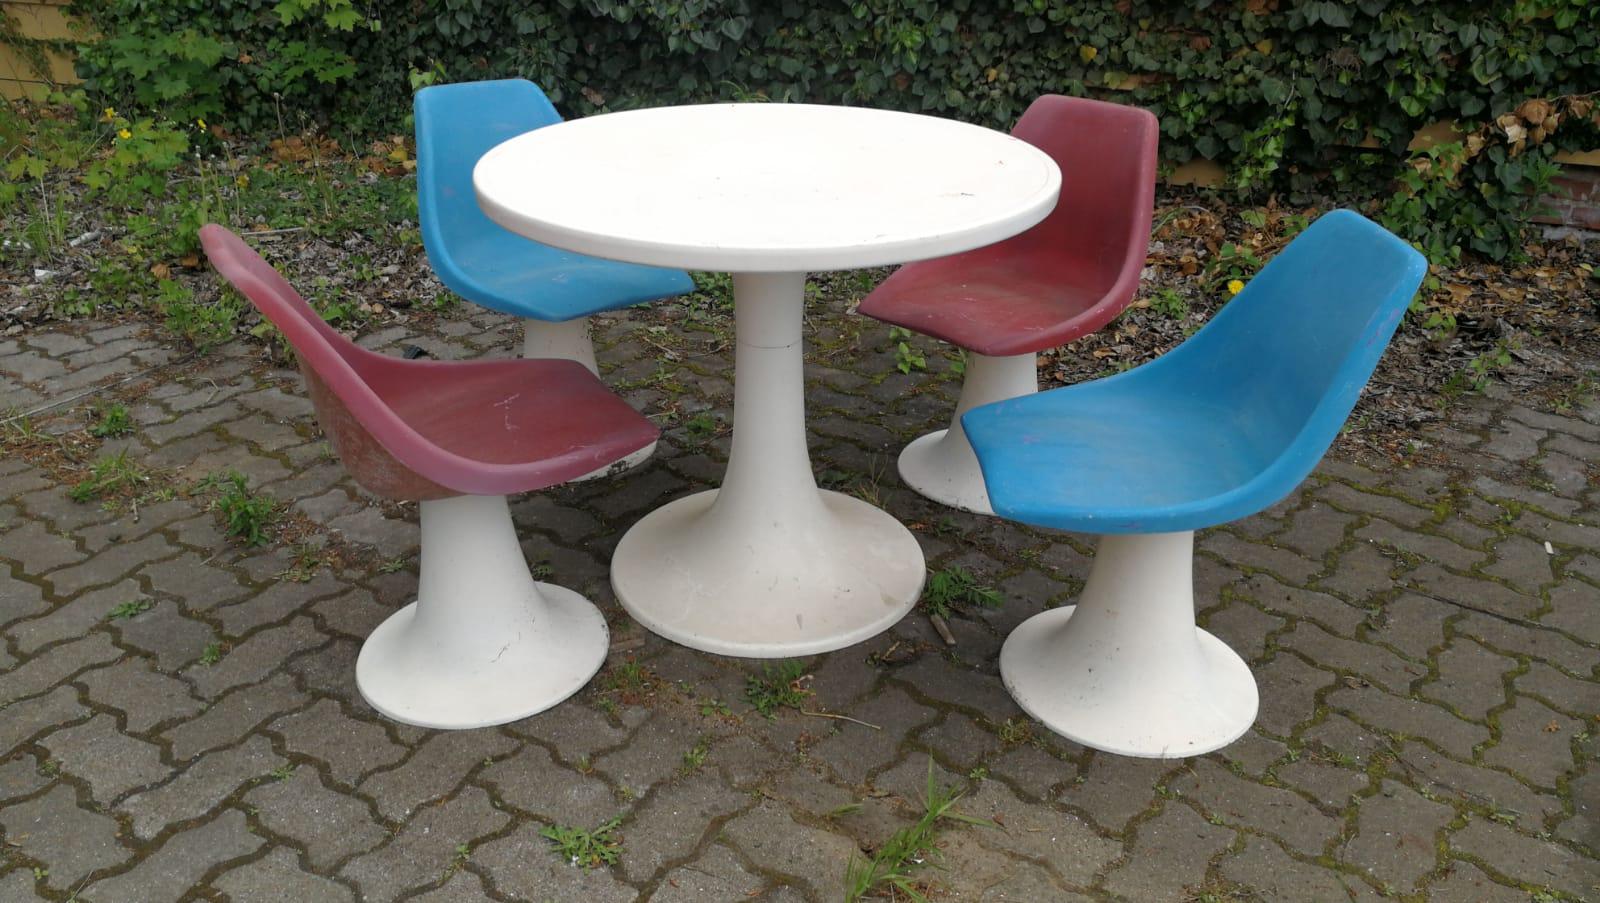 Stühle Bänke & Liegen VILLATERRA Vintage Industrie